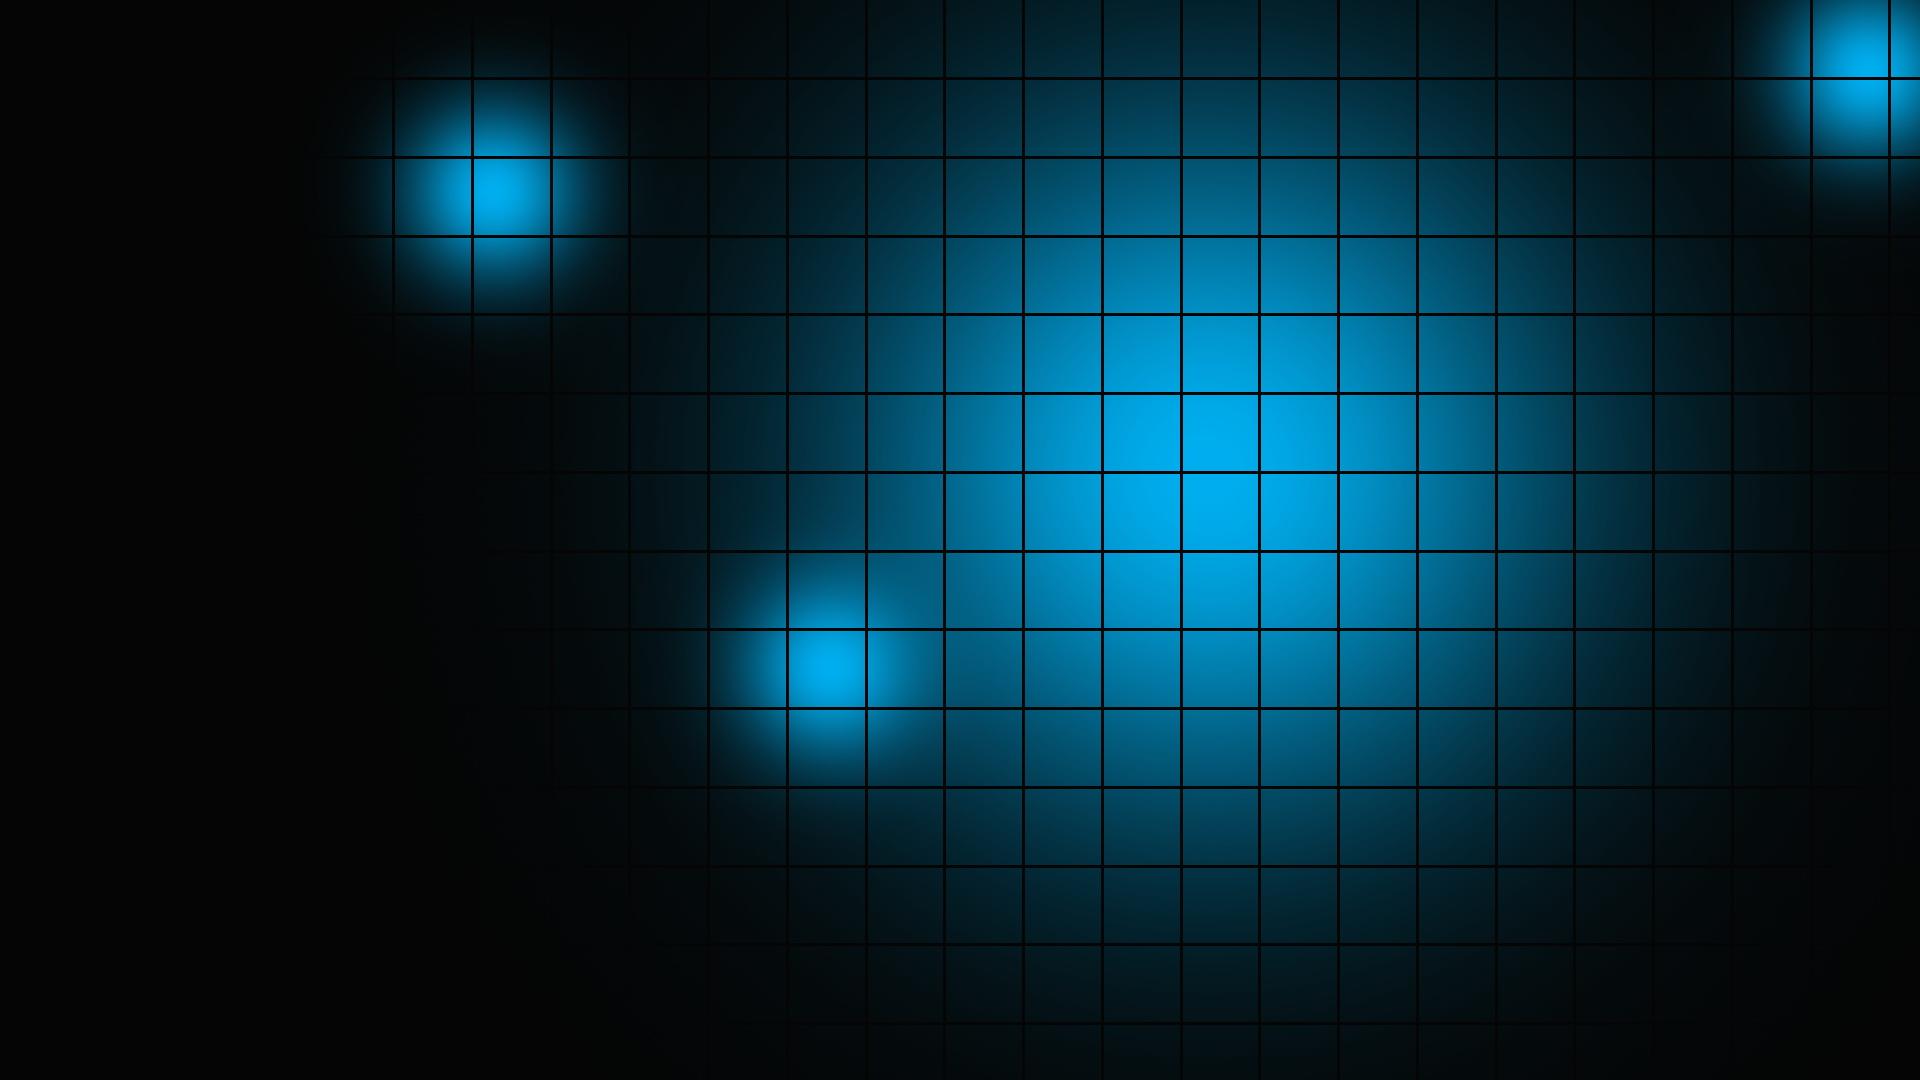 Fall Hipster Wallpapers Blue Wallpapers Hd Pixelstalk Net